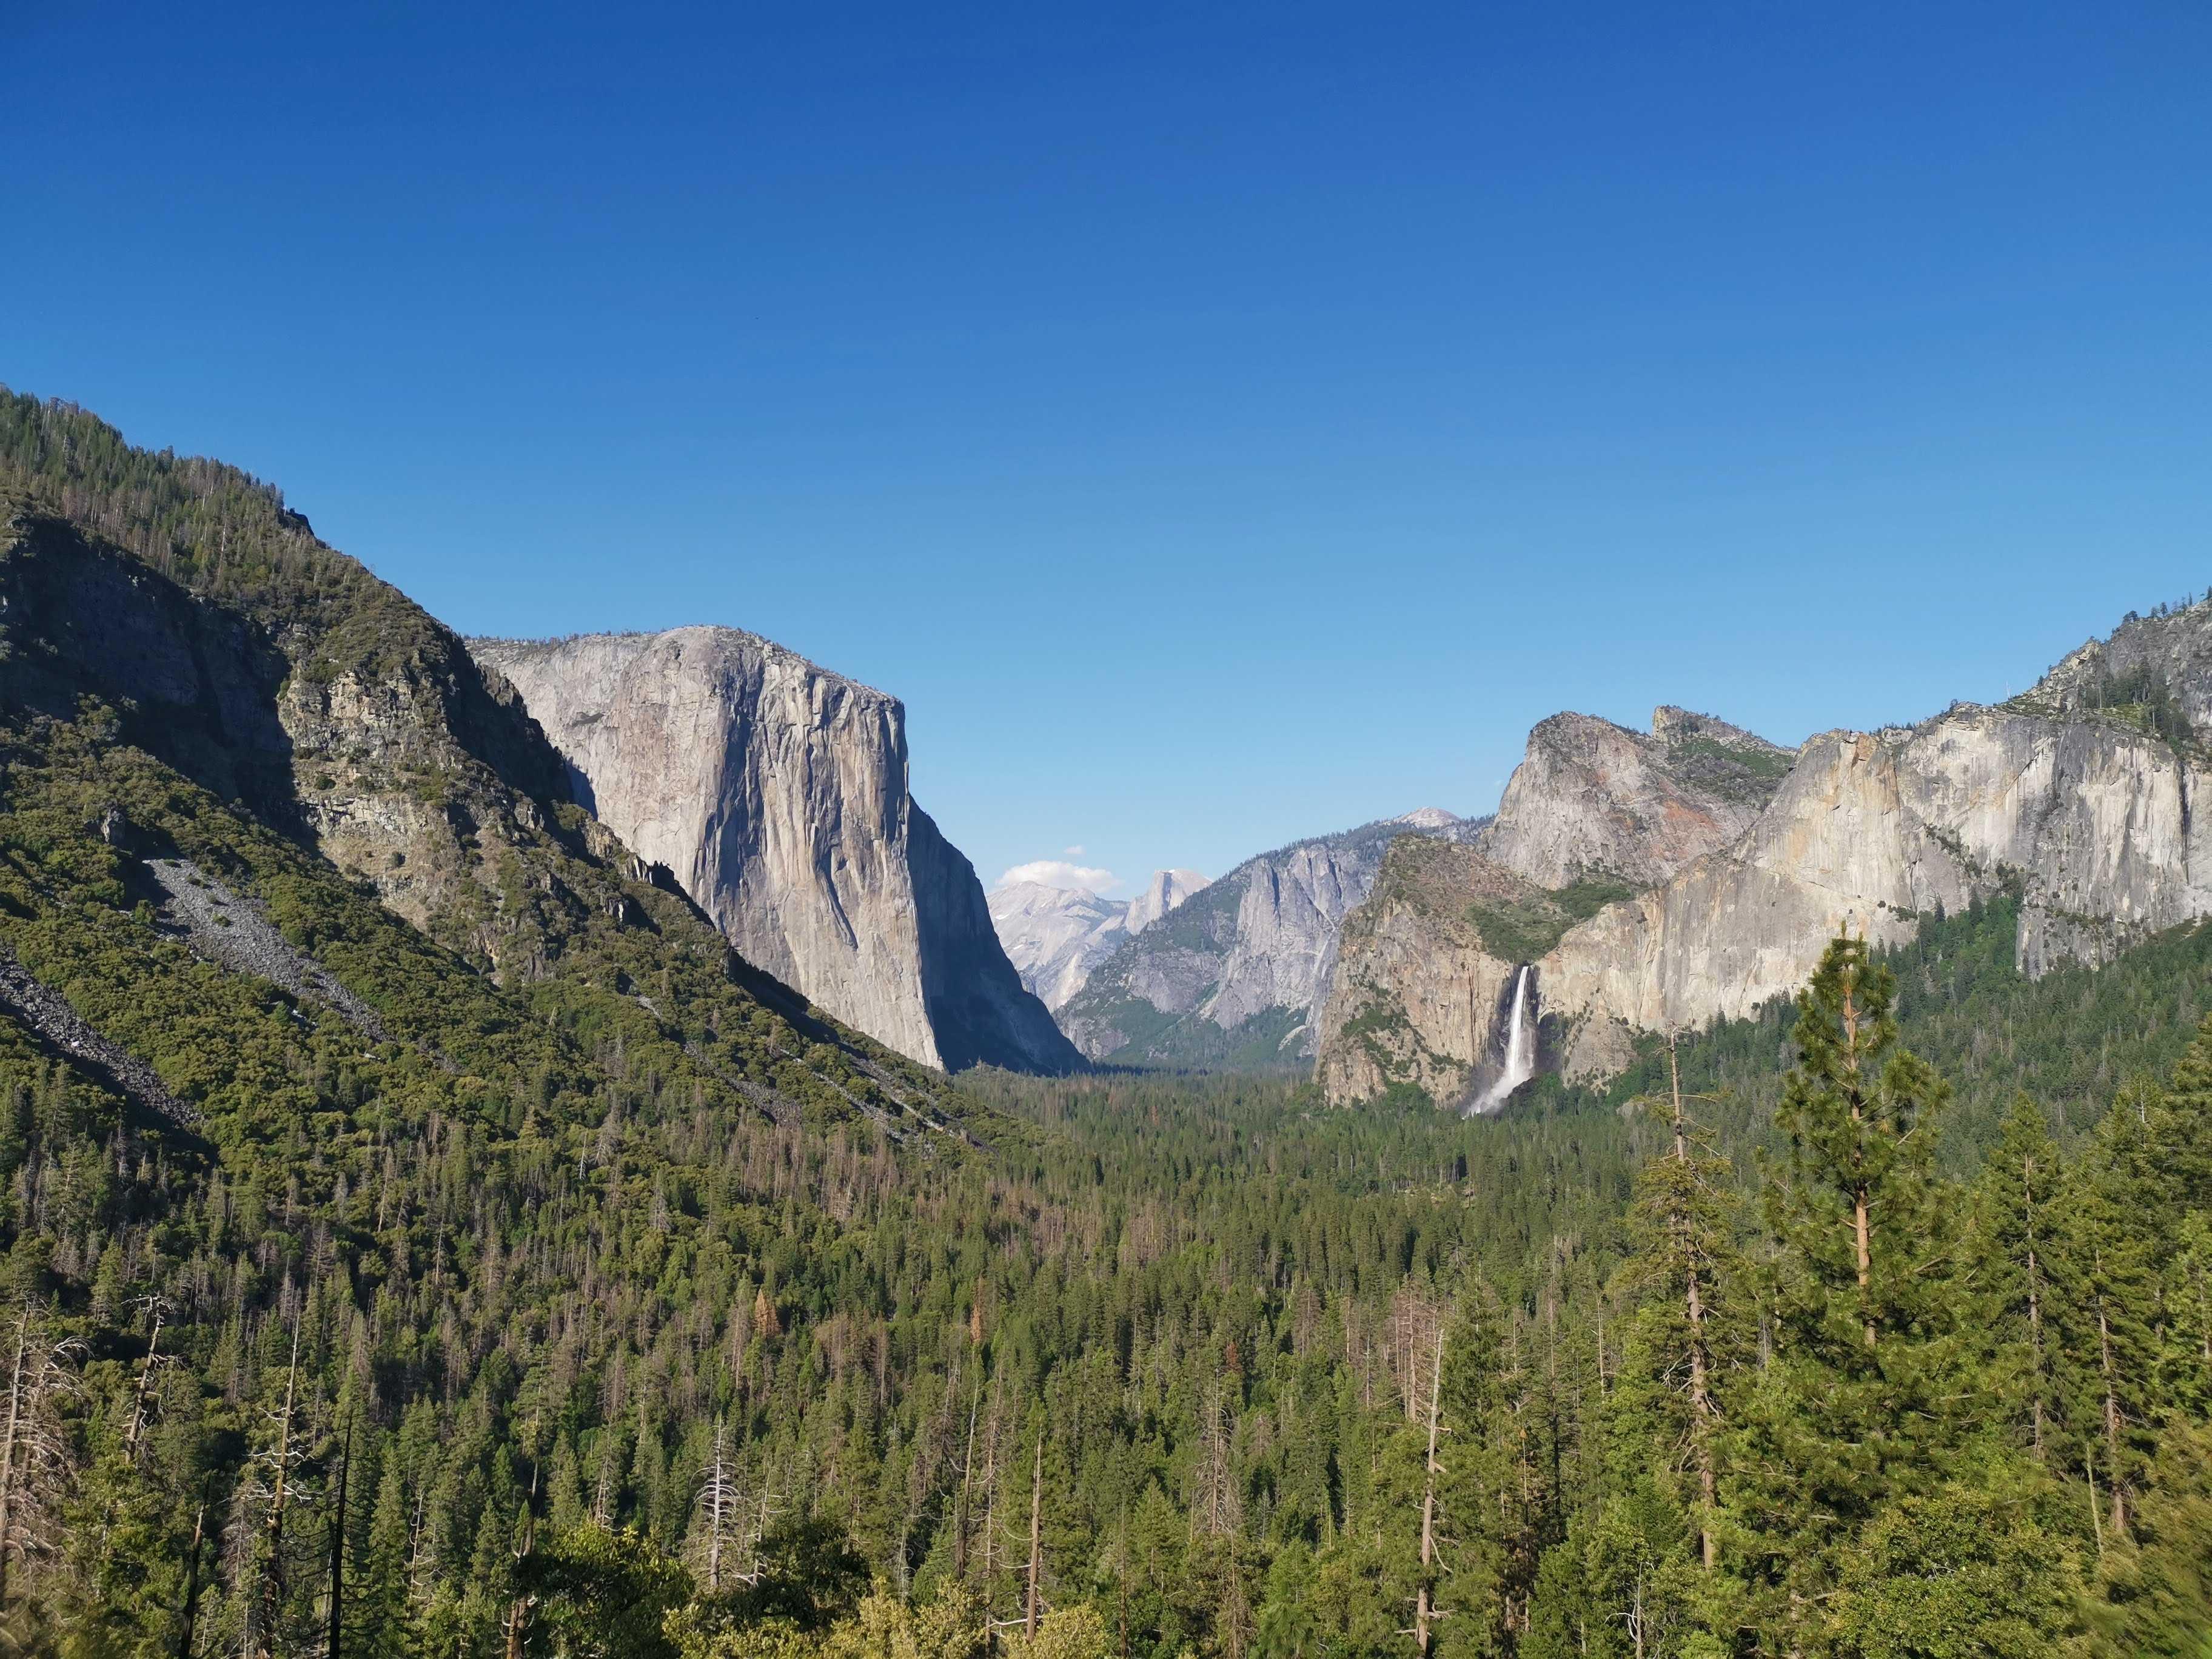 La douche du parc national de Yosemite cover image